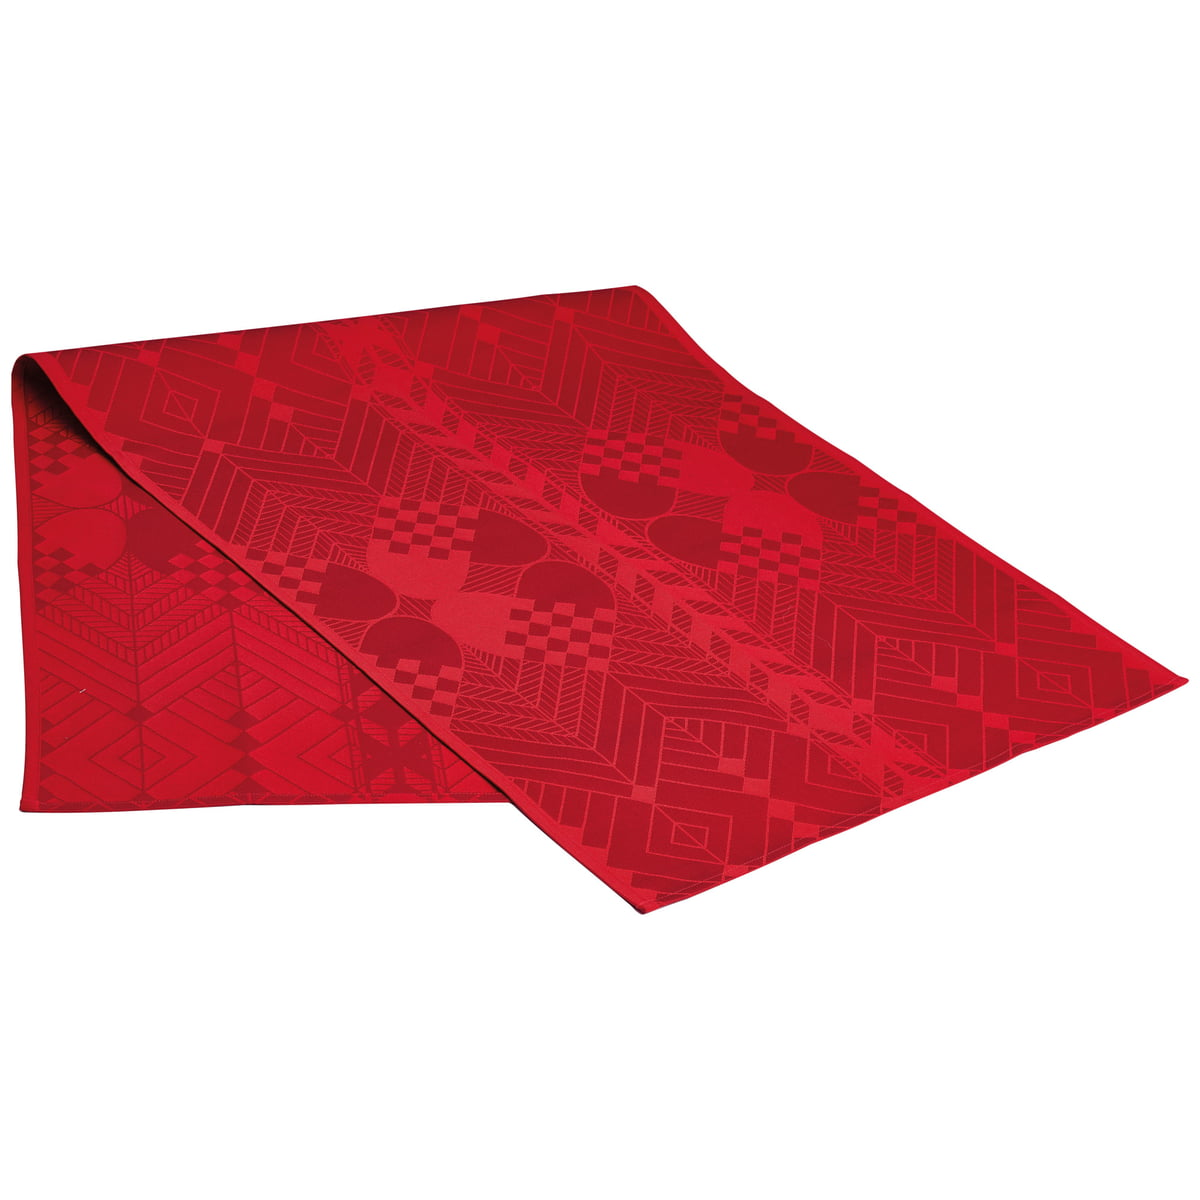 Christmas Table Runners.Georg Jensen Damask Christmas Table Runner 50 X 140 Cm Deep Red